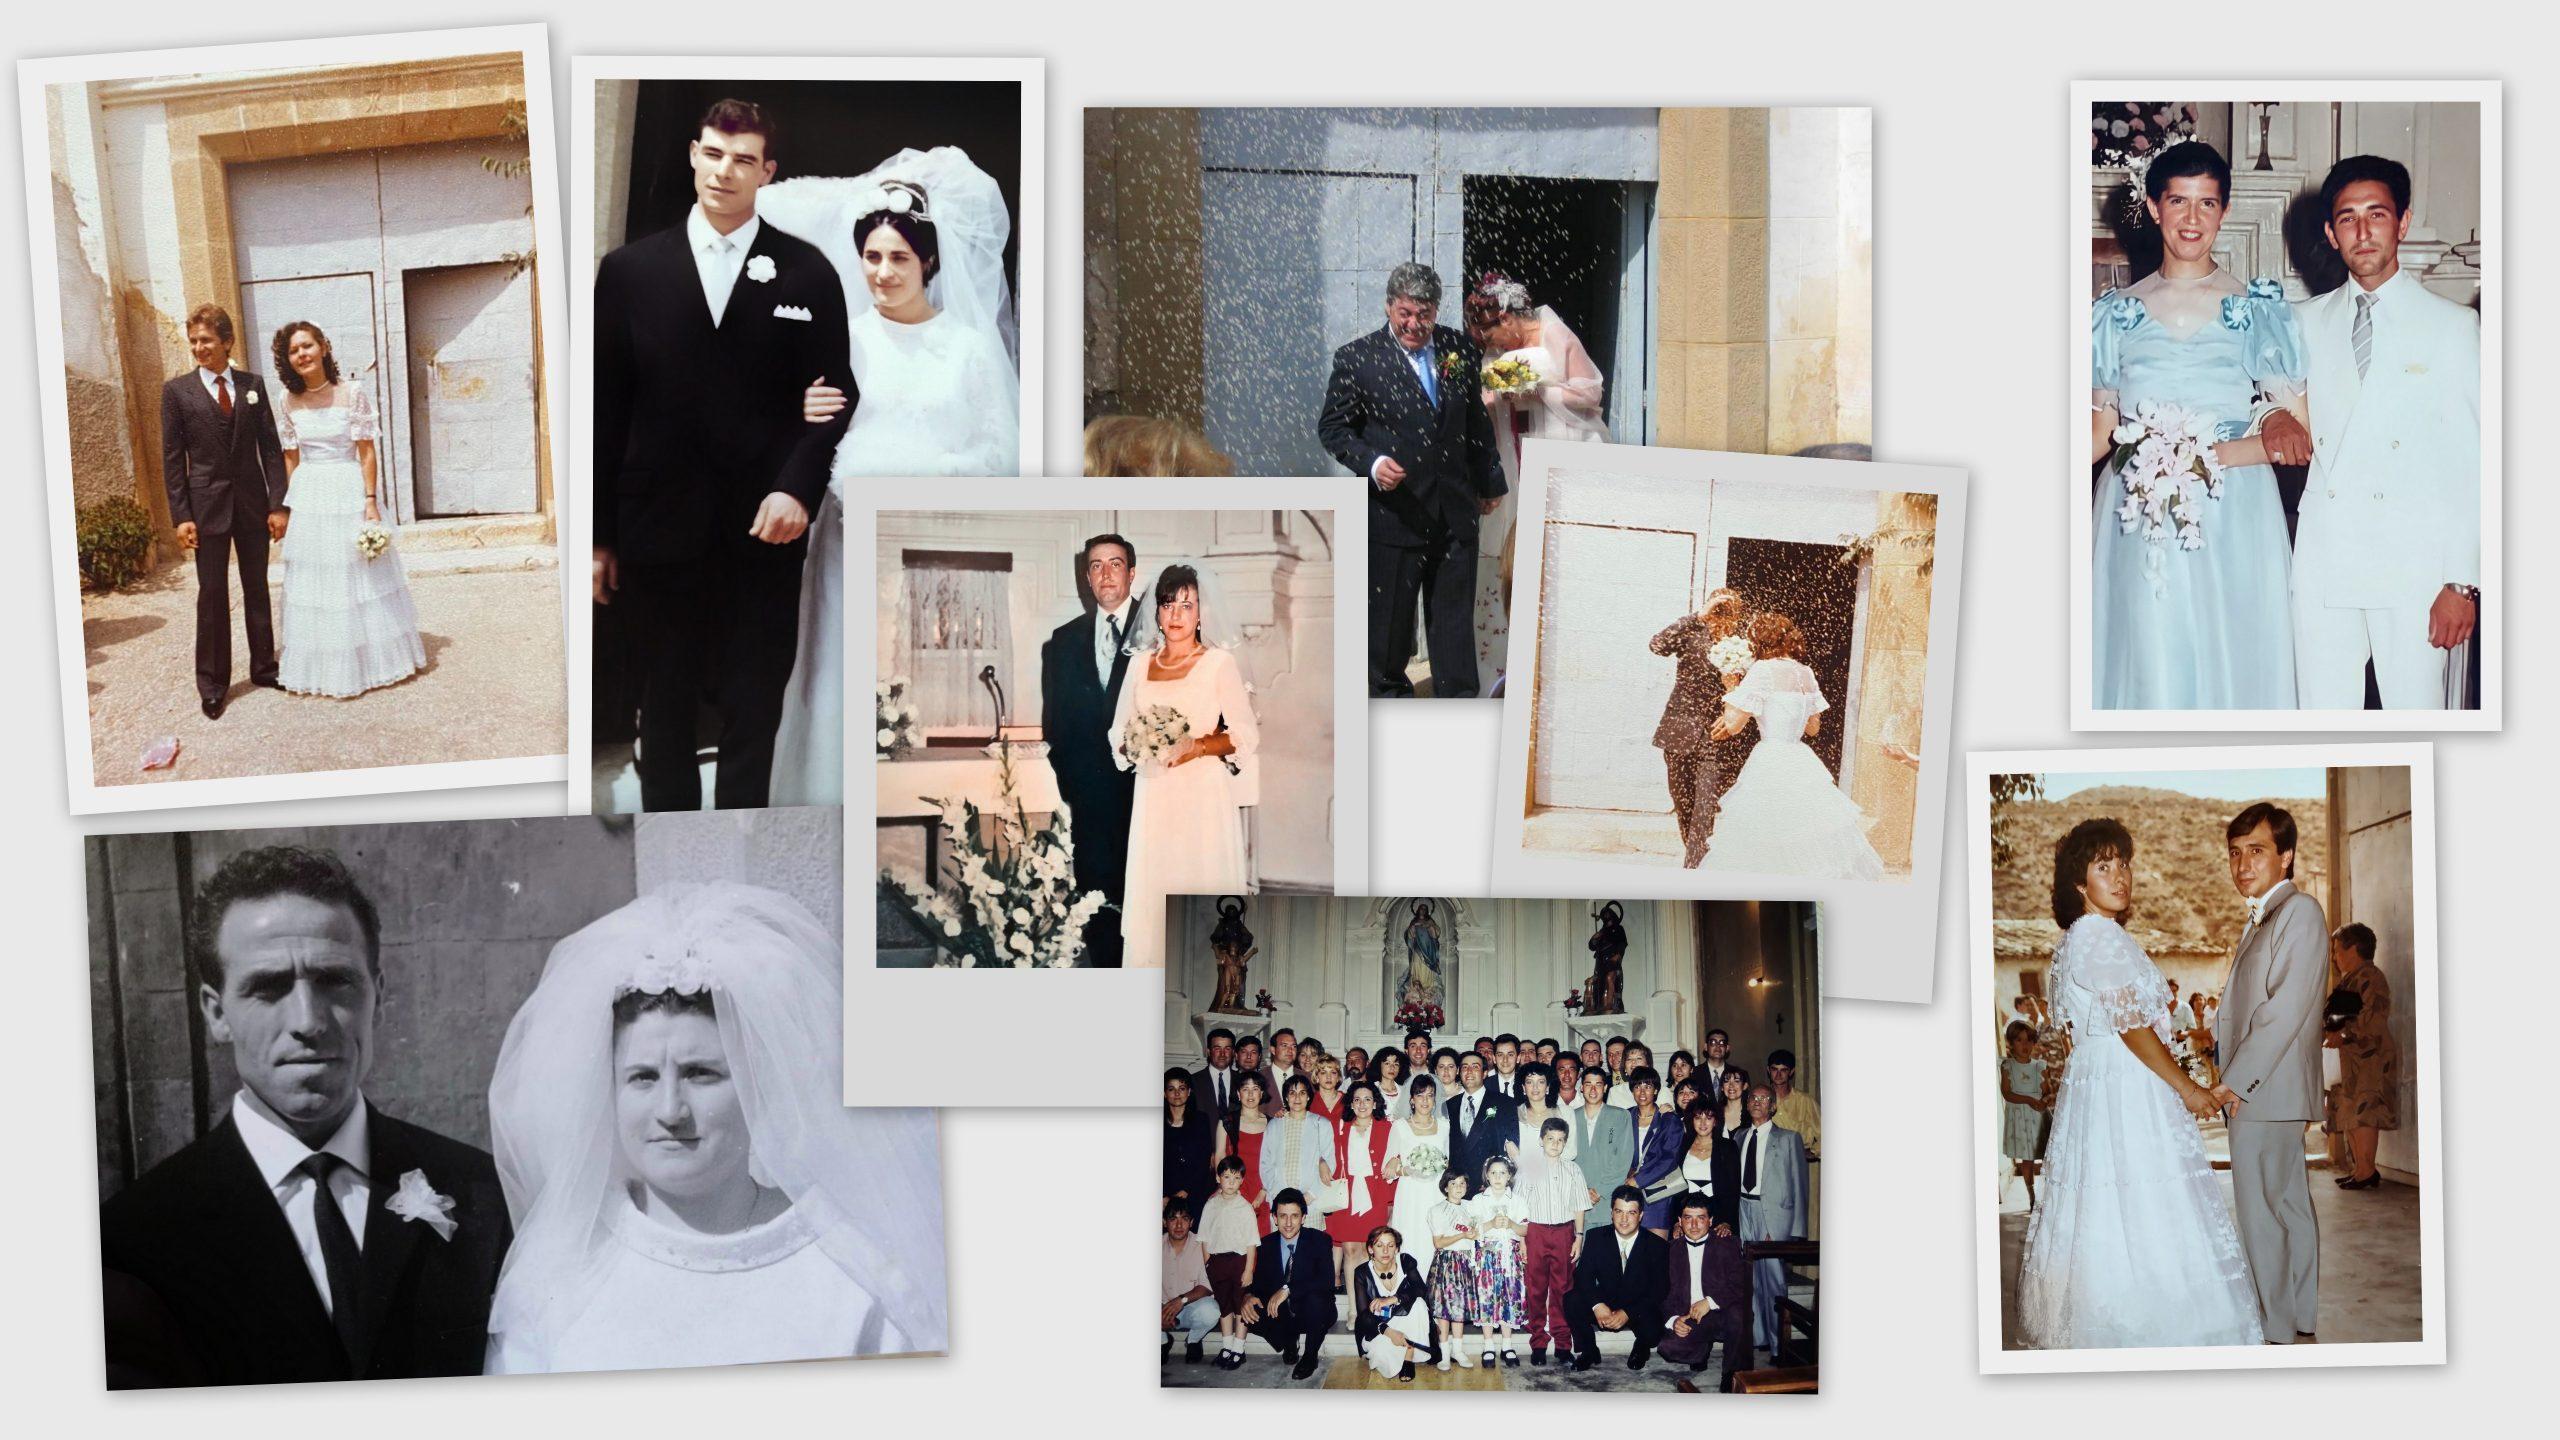 >> Pincha para ir a la galería de fotos de boda